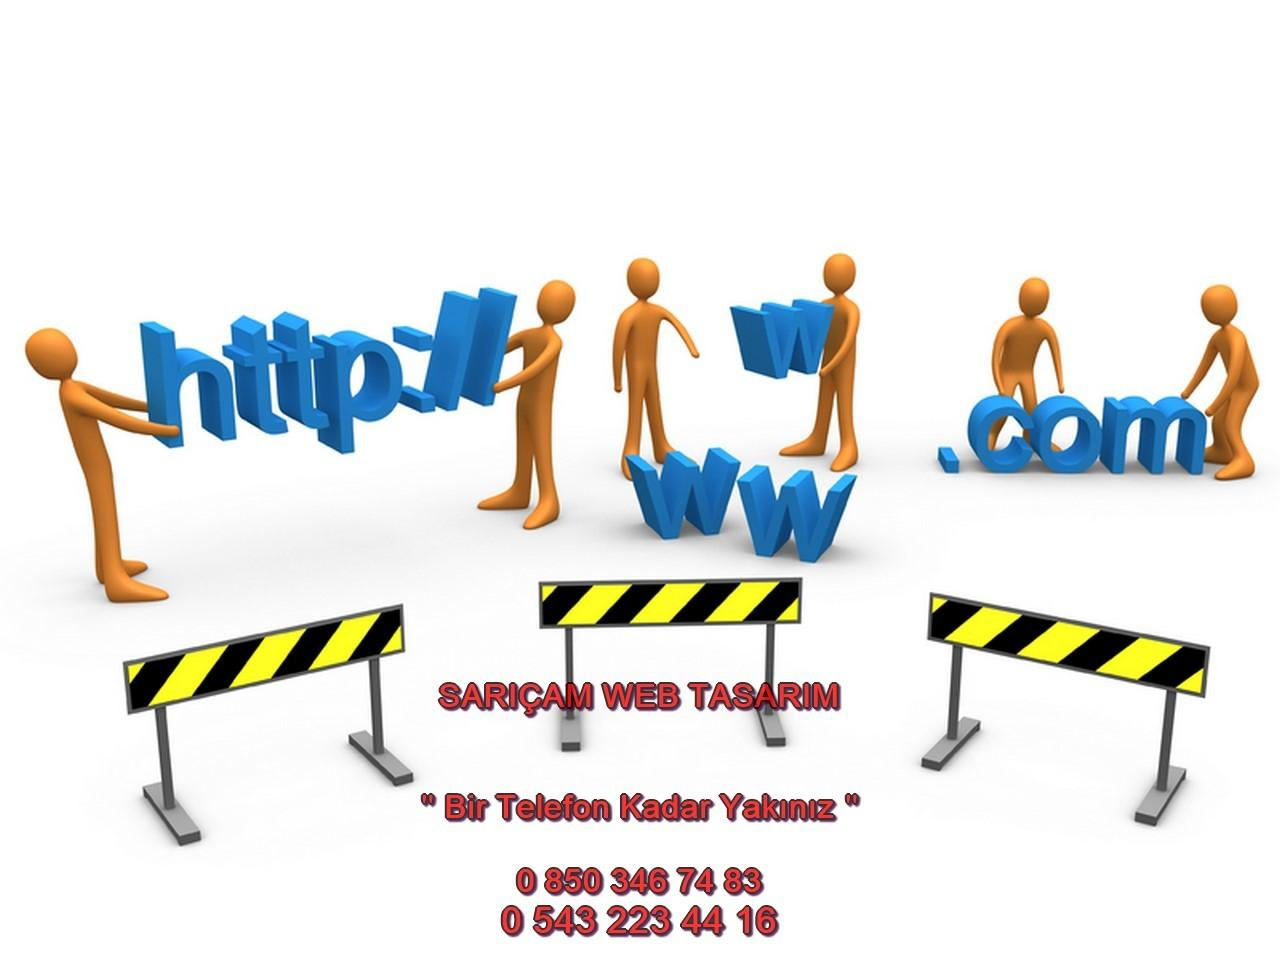 Seyhan Web Tasarım